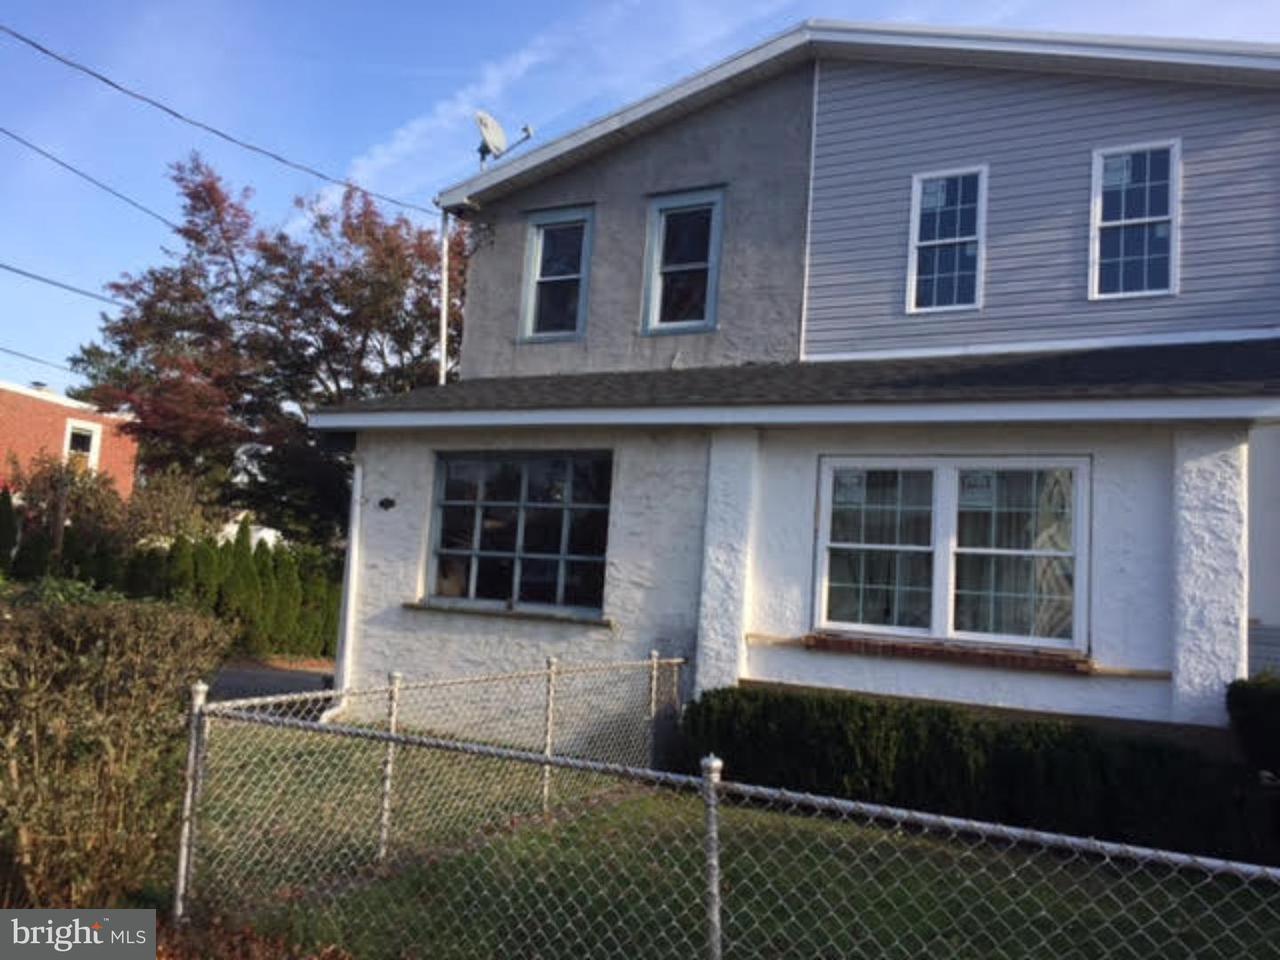 Casa unifamiliar adosada (Townhouse) por un Alquiler en 916 E PLEASANT Street Wyndmoor, Pennsylvania 19038 Estados Unidos